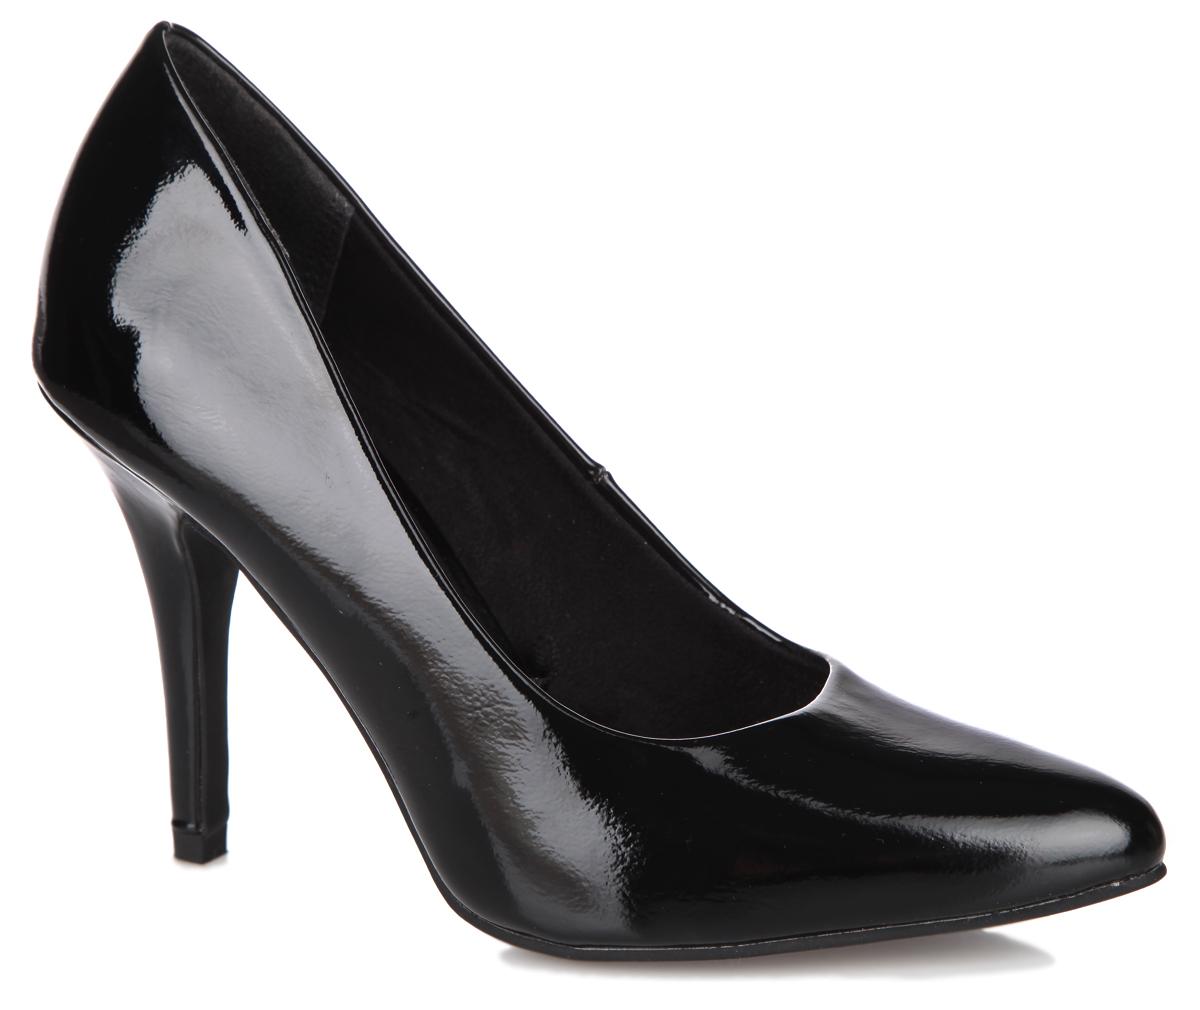 2-2-22418-25-018Элегантные женские туфли от Marco Tozzi займут достойное место в вашем гардеробе. Модель выполнена из искусственной кожи, покрытой лаком. Невероятно мягкая стелька - из искусственной кожи, обеспечивает максимальный комфорт при движении. Заостренный носок добавит женственности в ваш образ. Высокий каблук устойчив. Подошва с рифлением защищает изделие от скольжения. Изысканные туфли добавят шика в модный образ и подчеркнут ваш безупречный вкус.